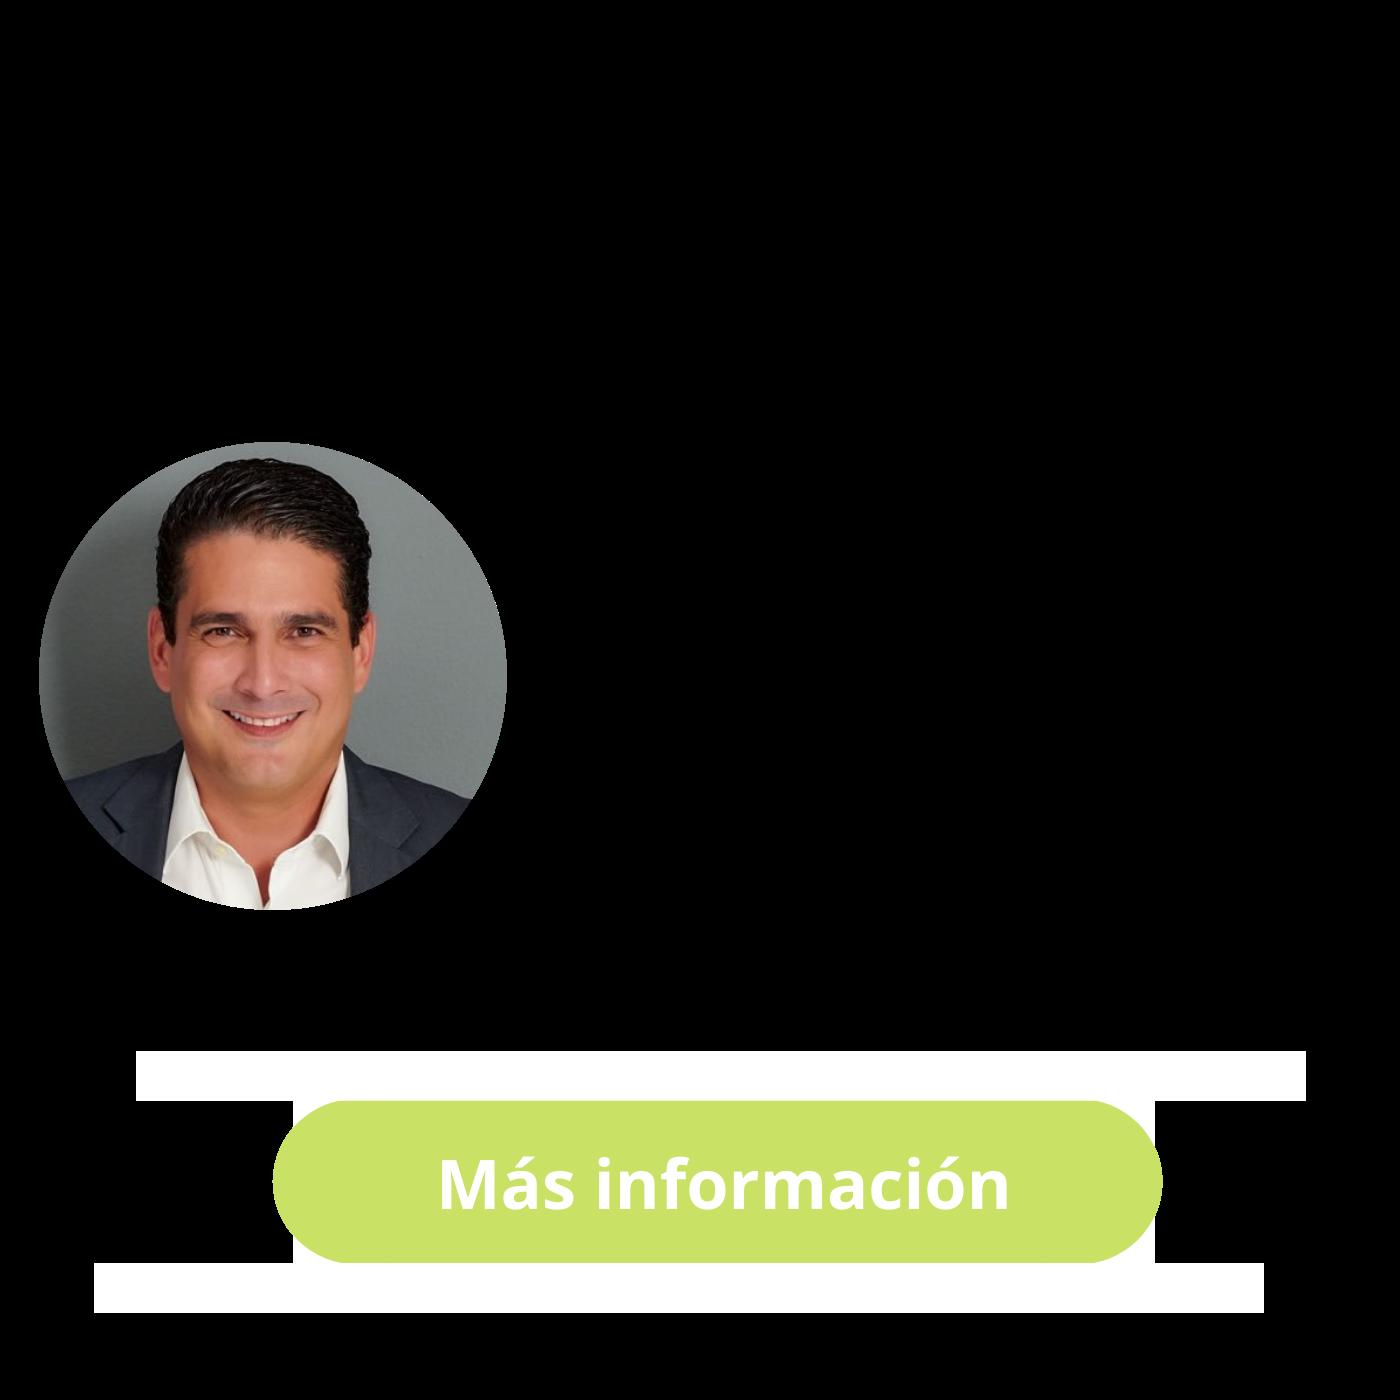 La Protección Municipal Ante Las Inundaciones En Santa Tecla. Newsletter. Infografía. Roberto d'Aubuisson. 2021